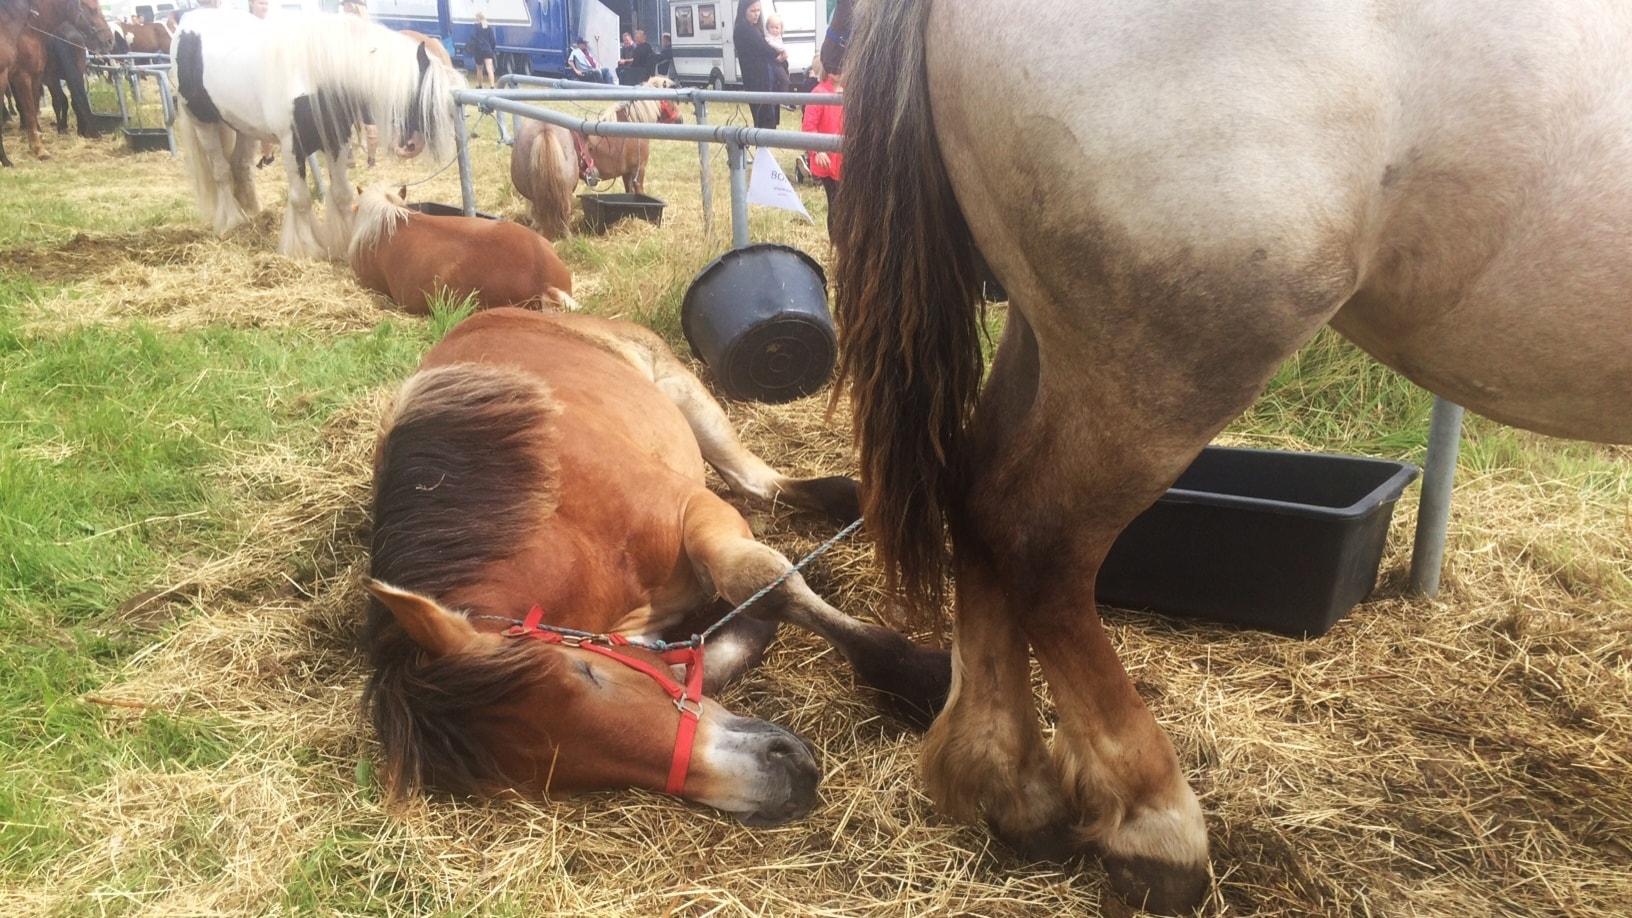 De trasiga hästarna och den goda gärningen